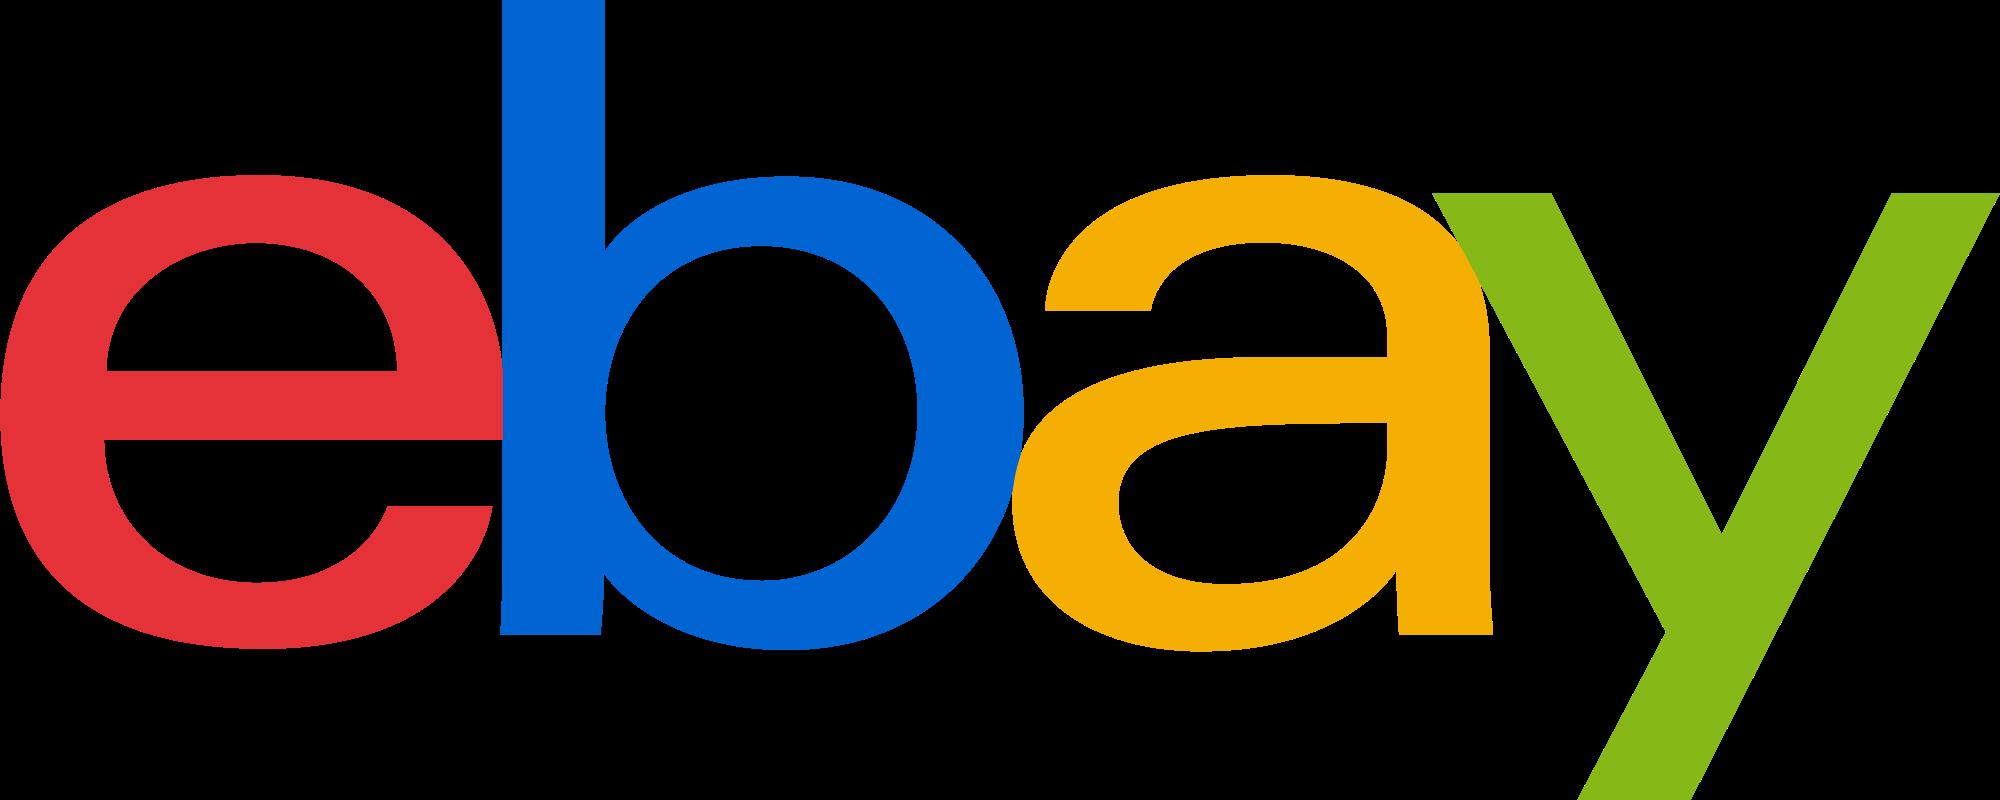 links ebay